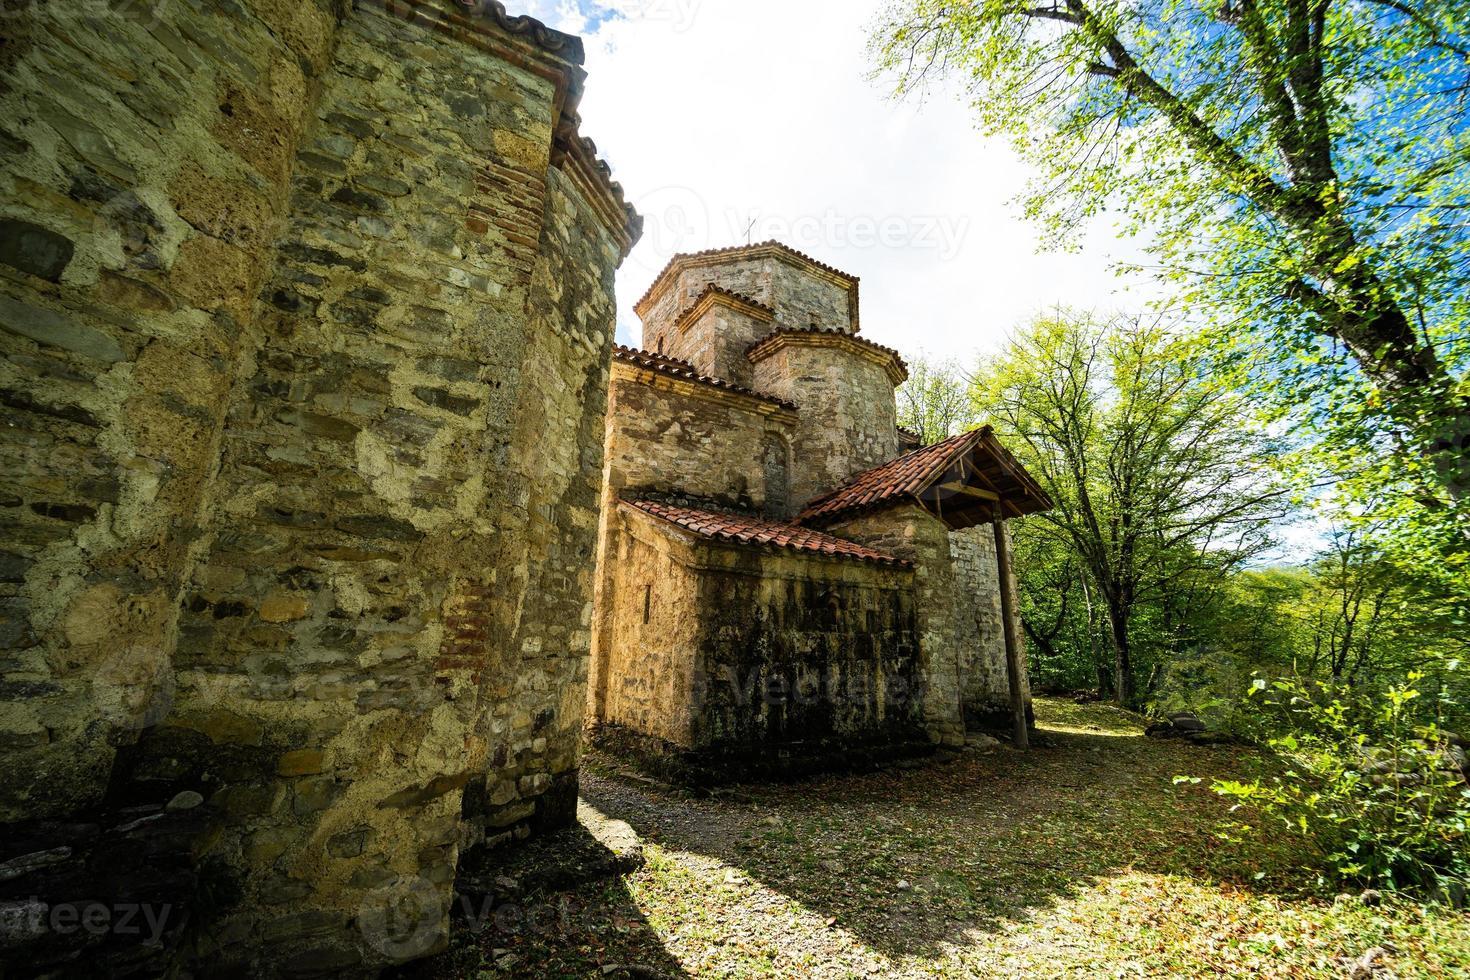 dzveli shuamta-klooster in Georgië foto